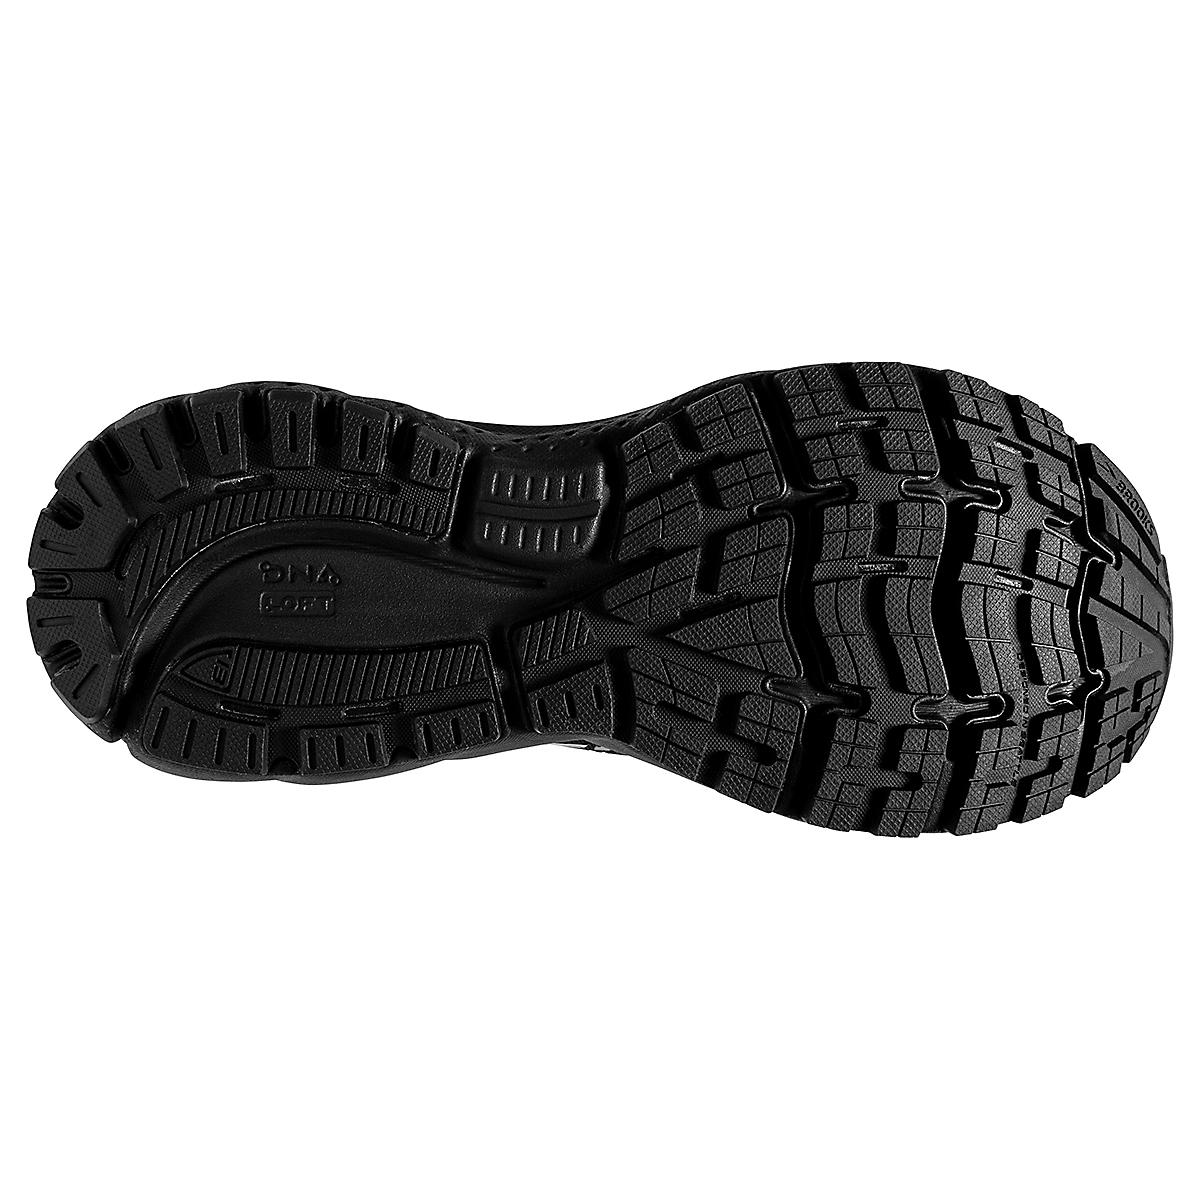 Women's Brooks Ghost 13 Running Shoe - Color: Black/Black - Size: 5 - Width: Regular, Black/Black, large, image 4